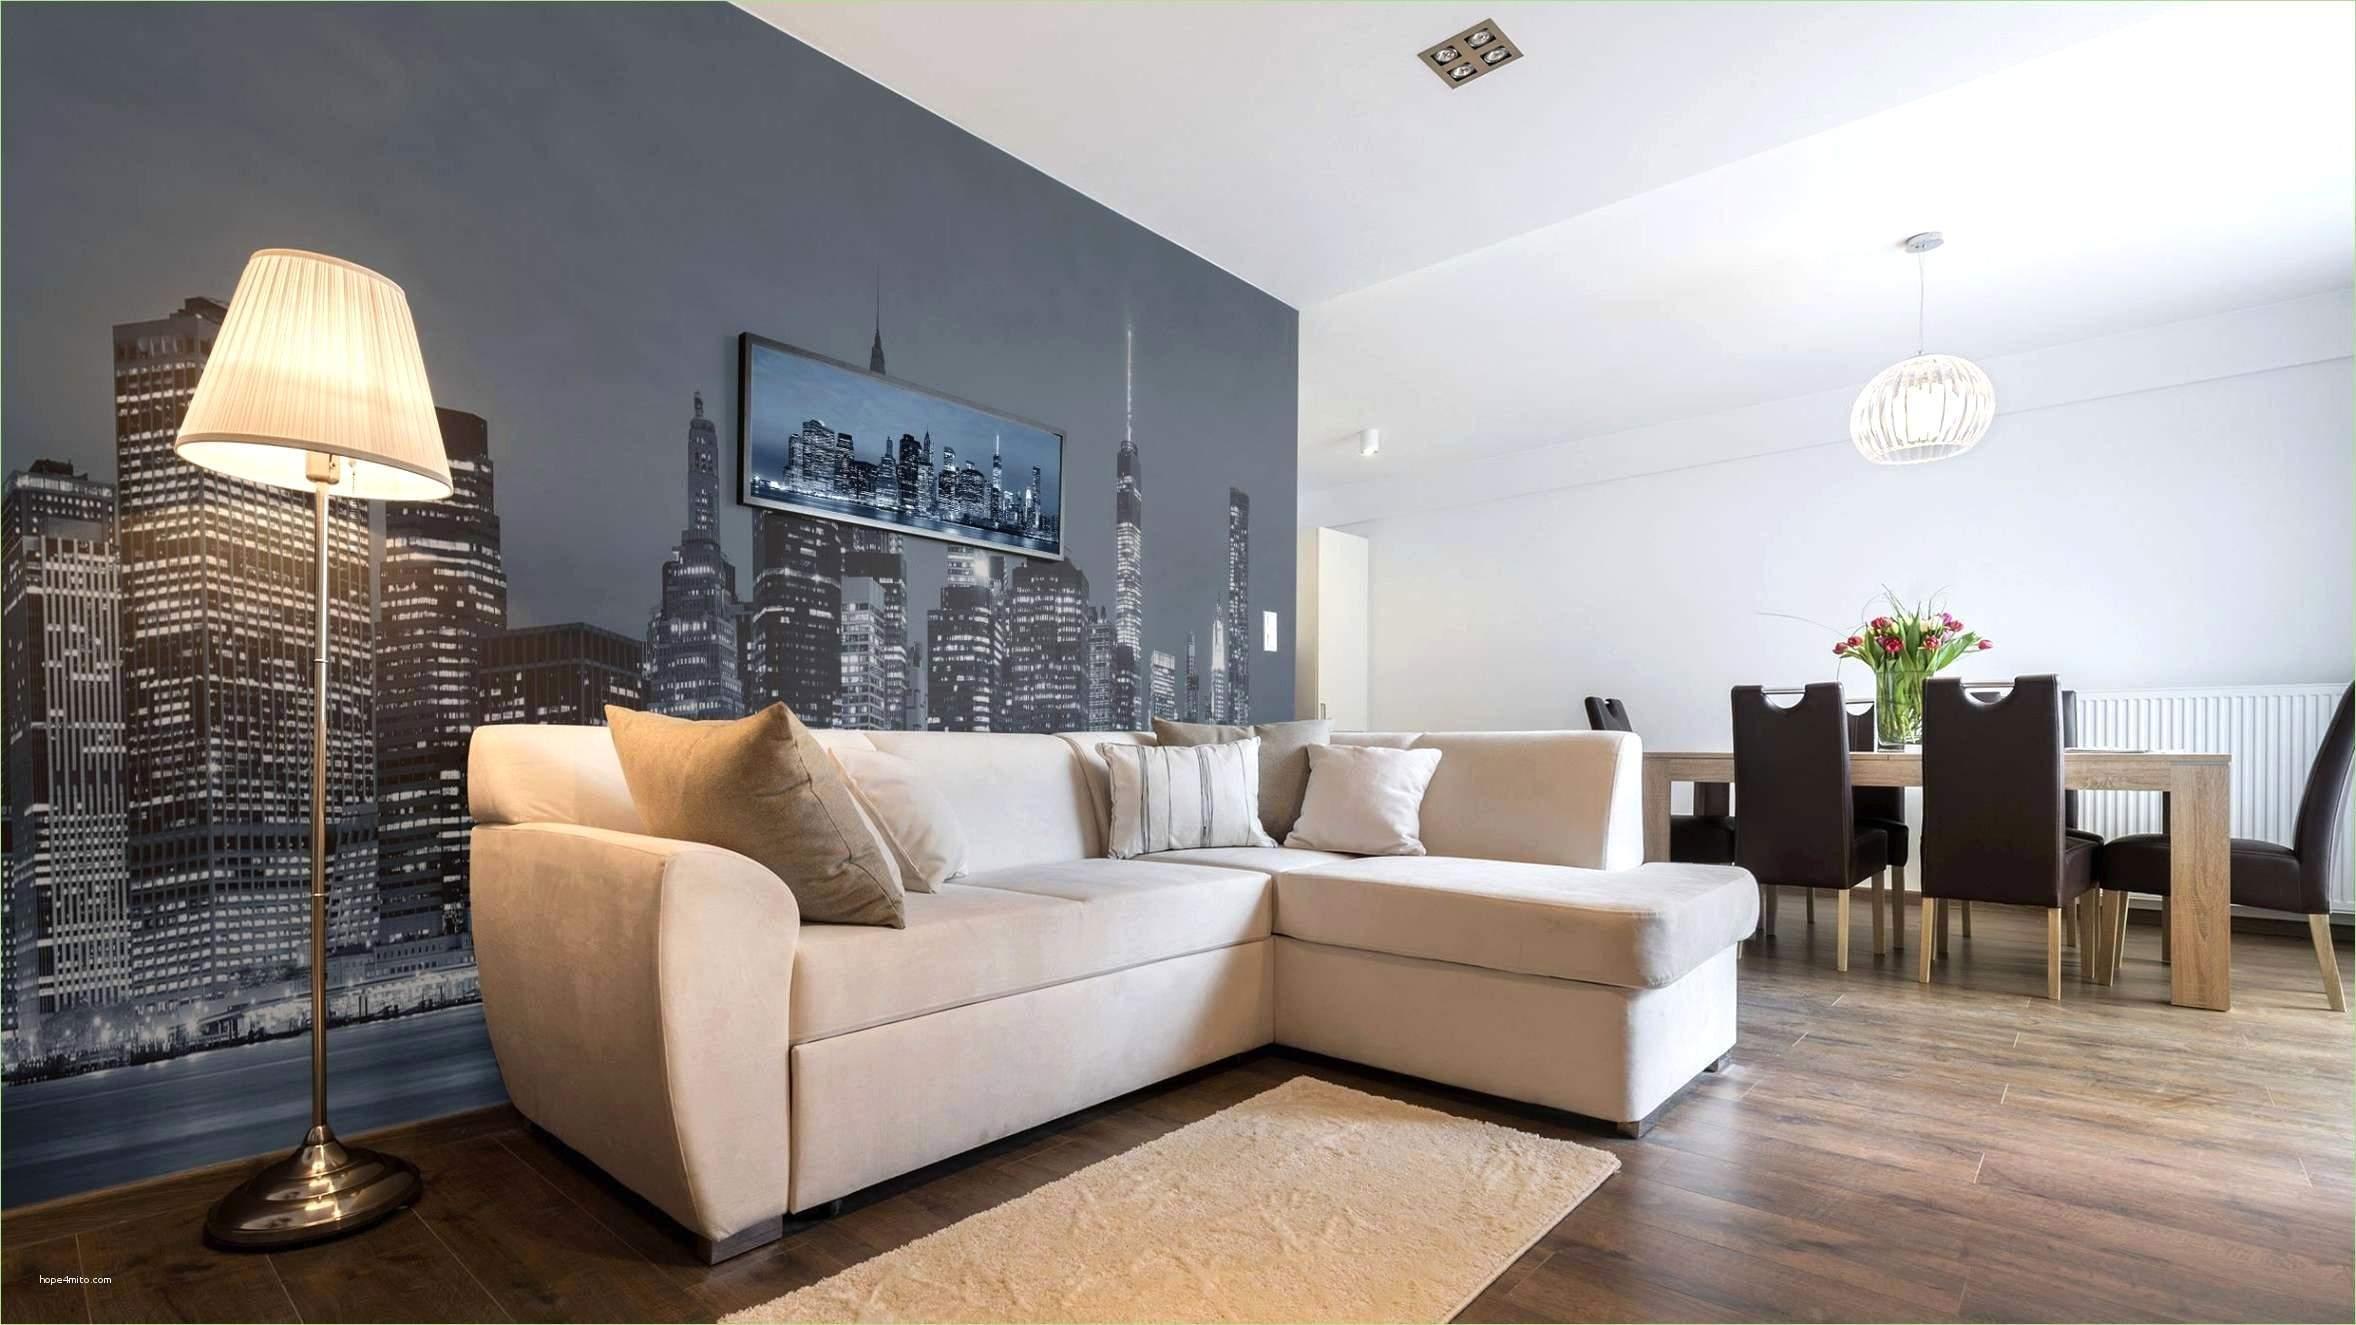 deckenstrahler wohnzimmer luxus deko wand wohnzimmer inspirierend 35 schon garten wand of deckenstrahler wohnzimmer